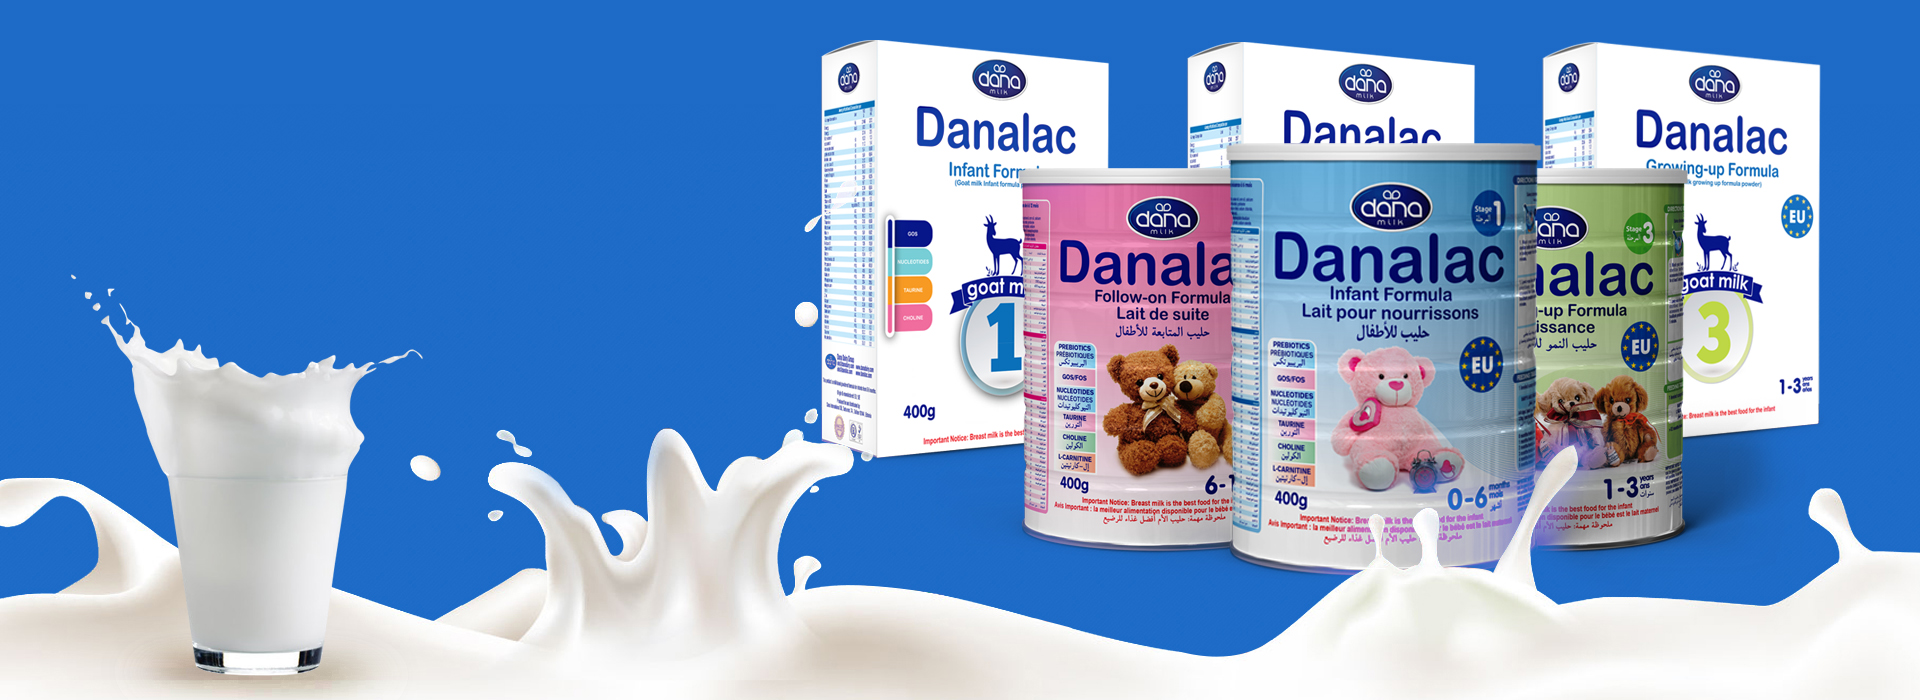 Danalac-Banner-1